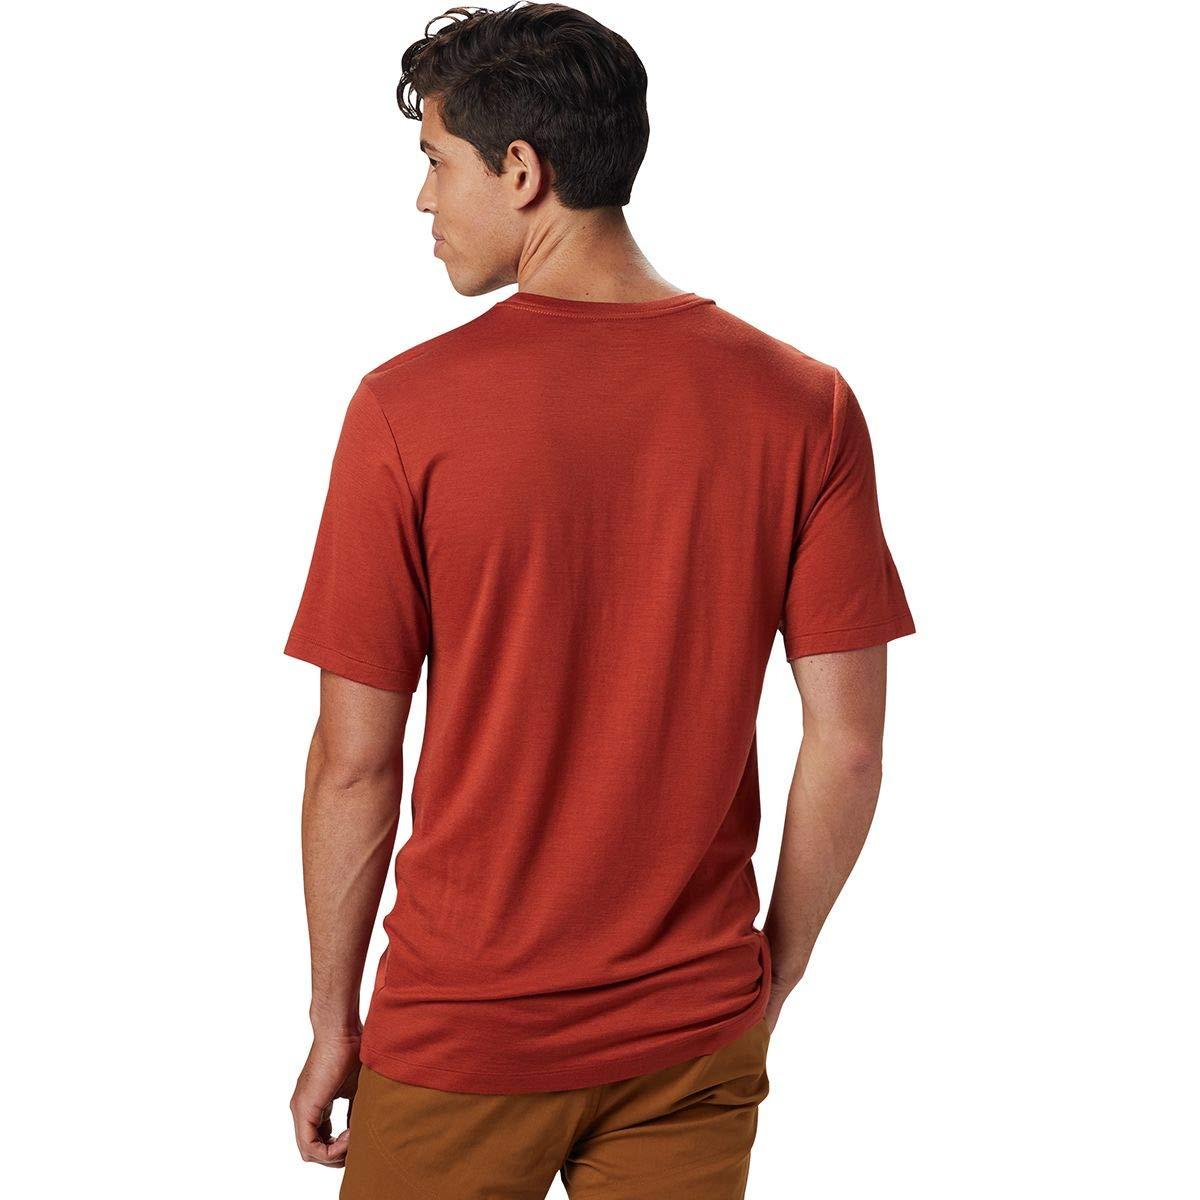 6ffcaba6 Mountain Hardwear Men's Diamond Peak¿ Short Sleeve Tee at Amazon Men's  Clothing store: